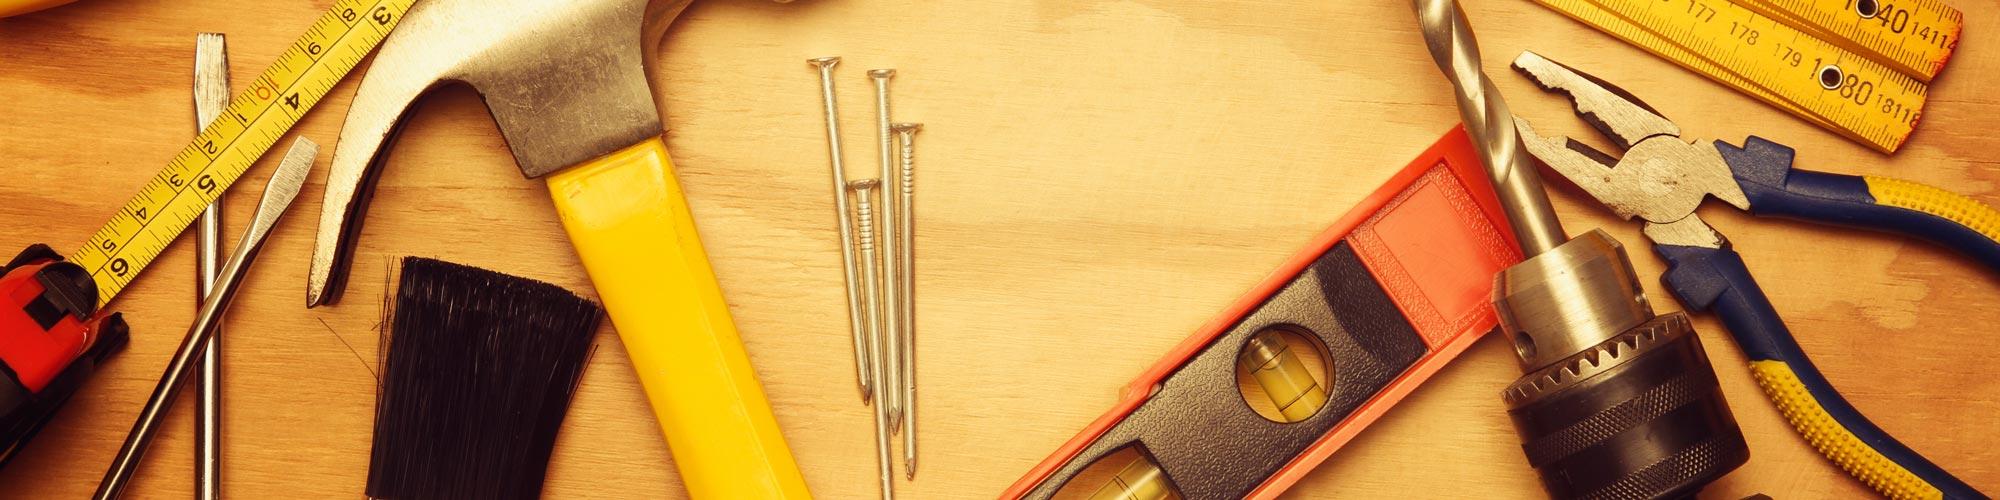 Maschinen / Werkzeuge / Eisenwaren